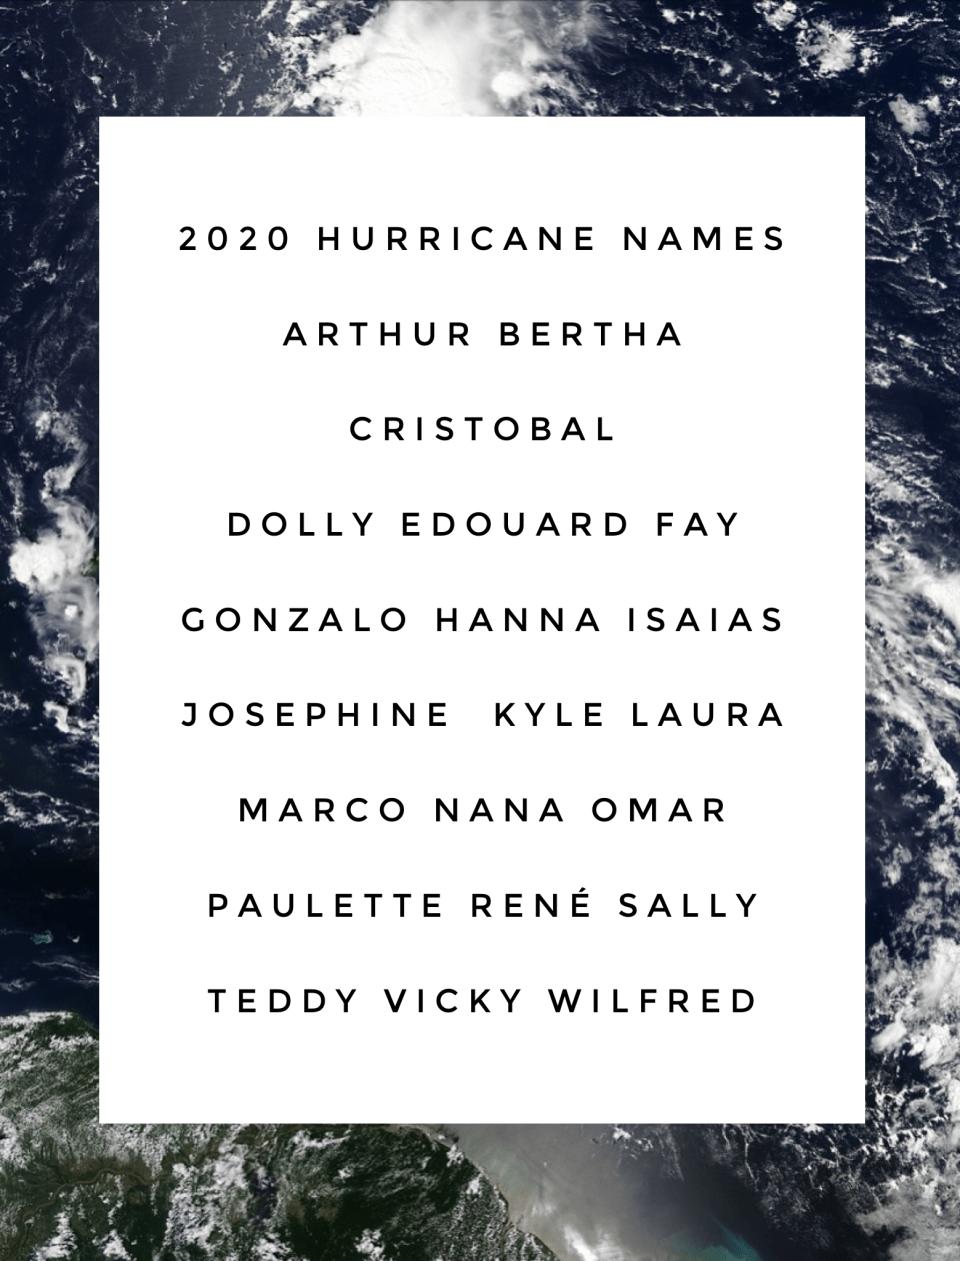 2020 Hurricane Names!